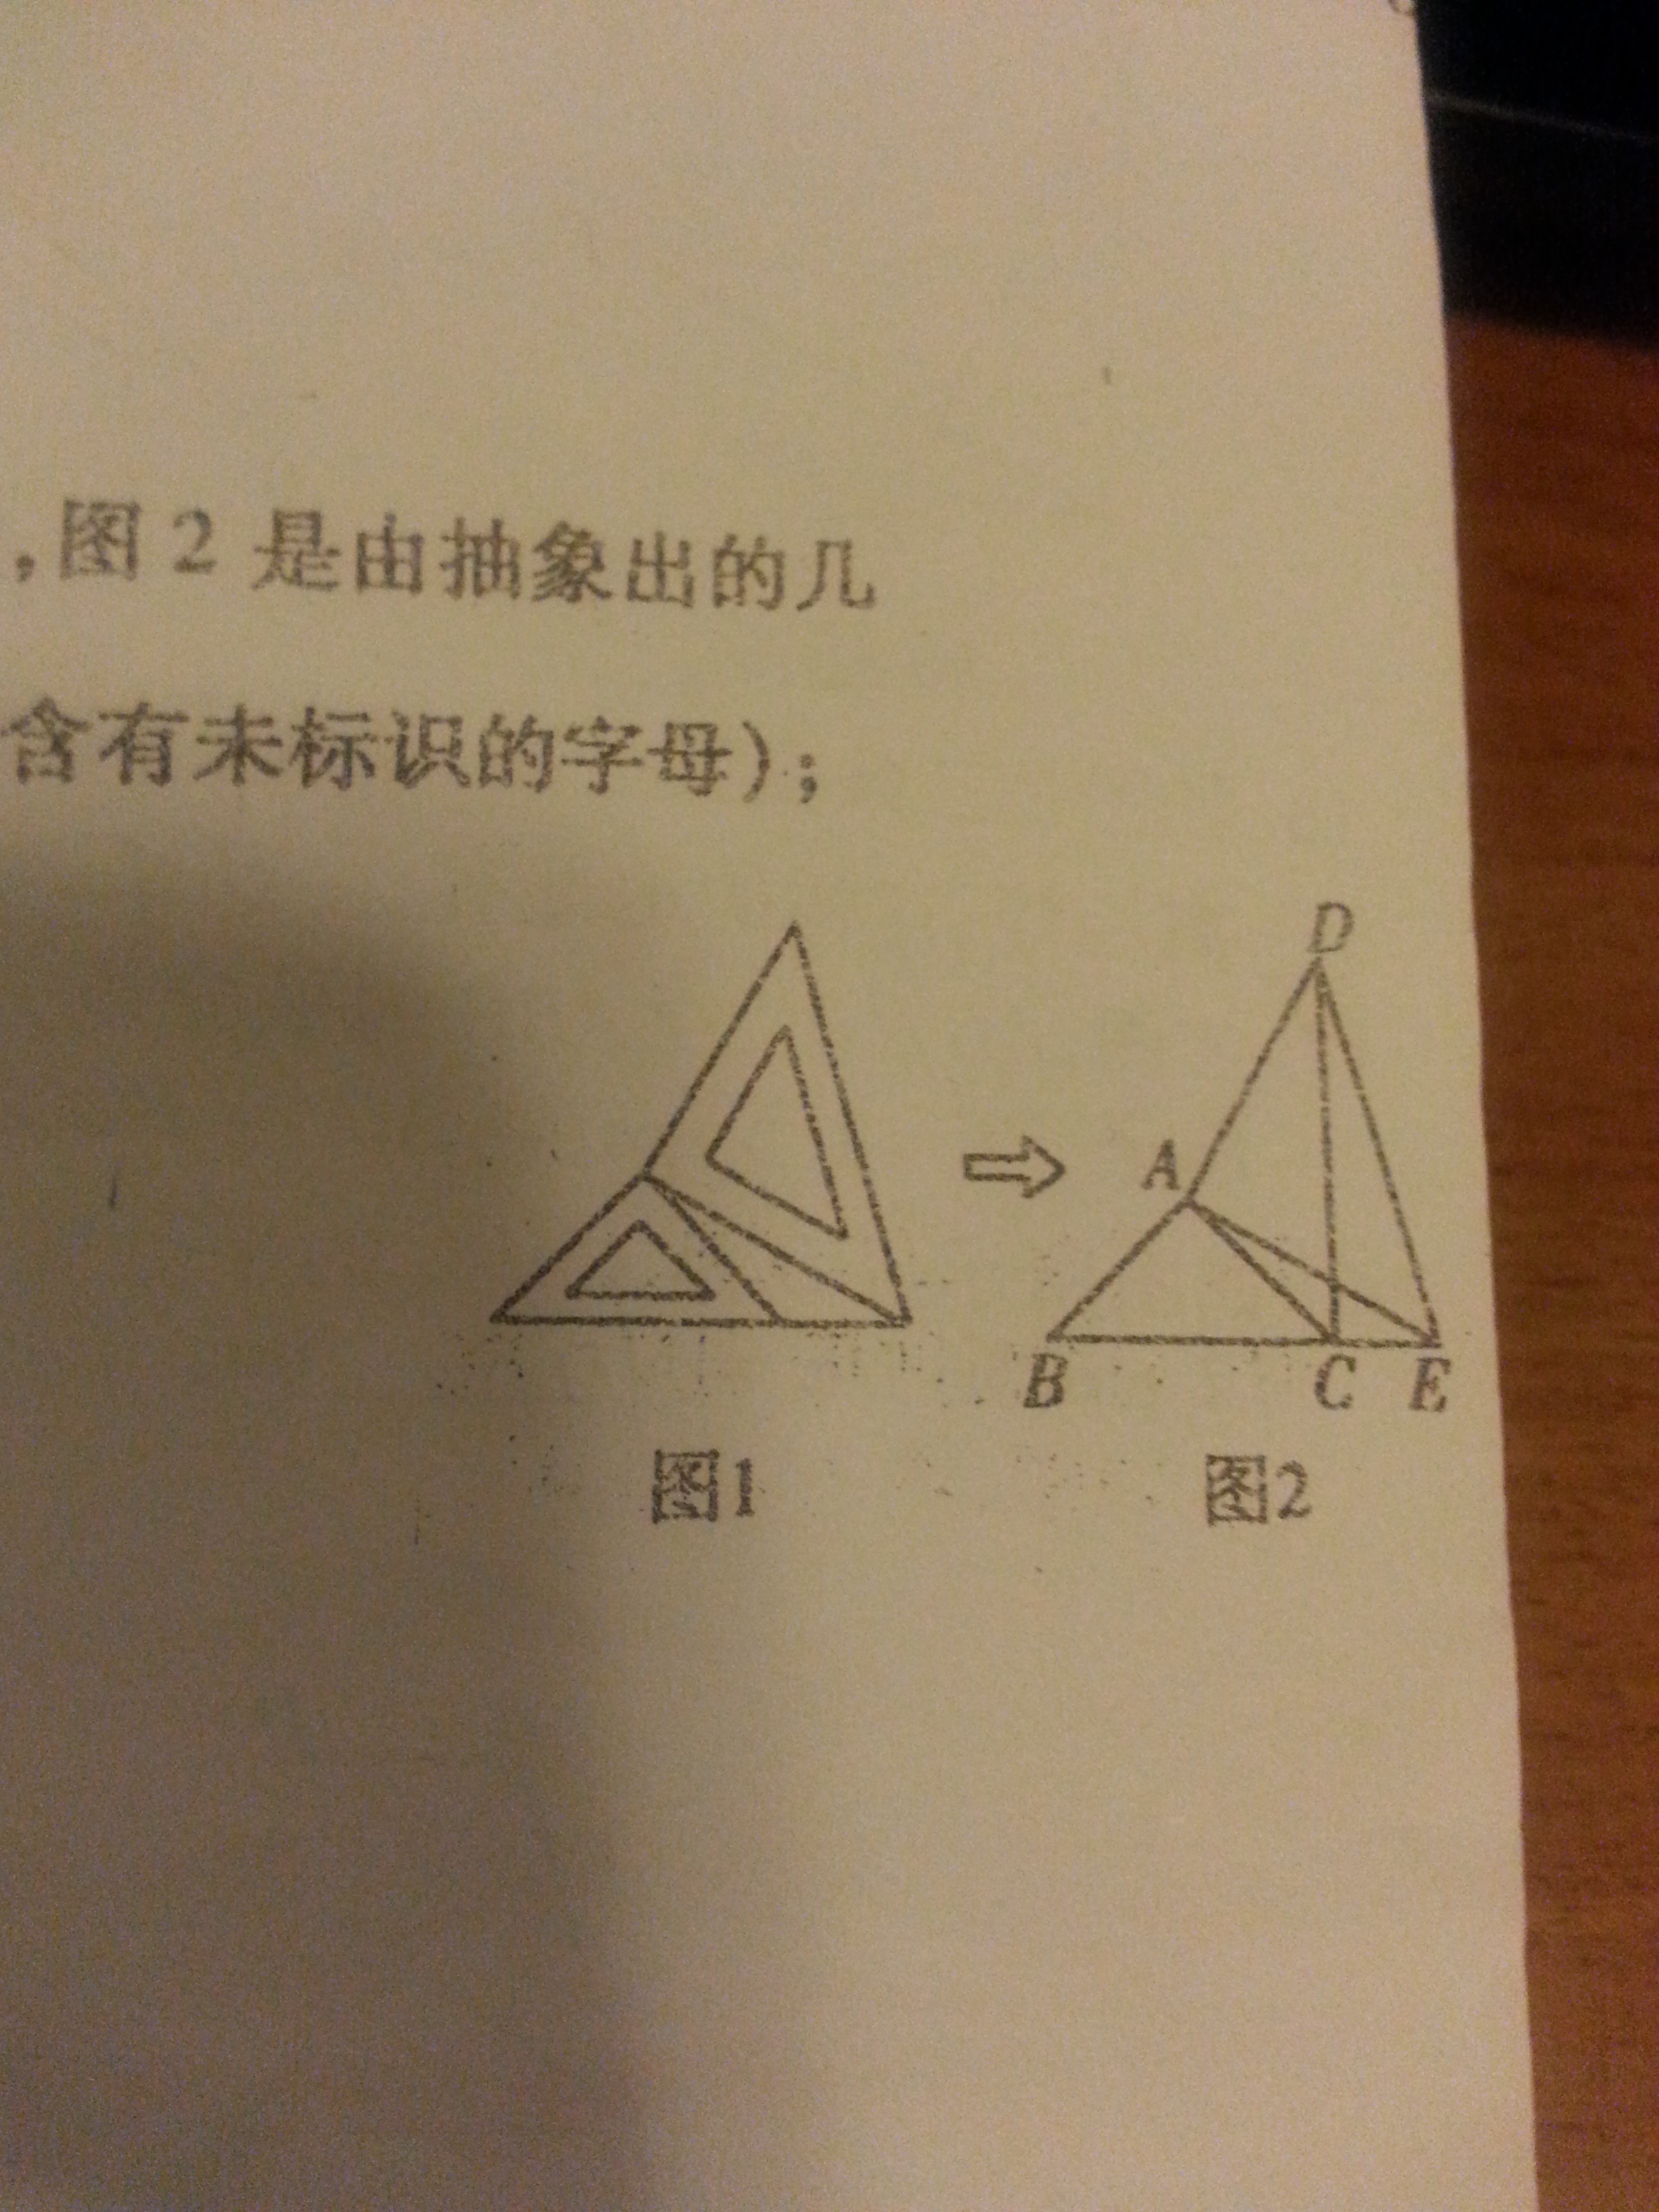 简约几何抽象图形